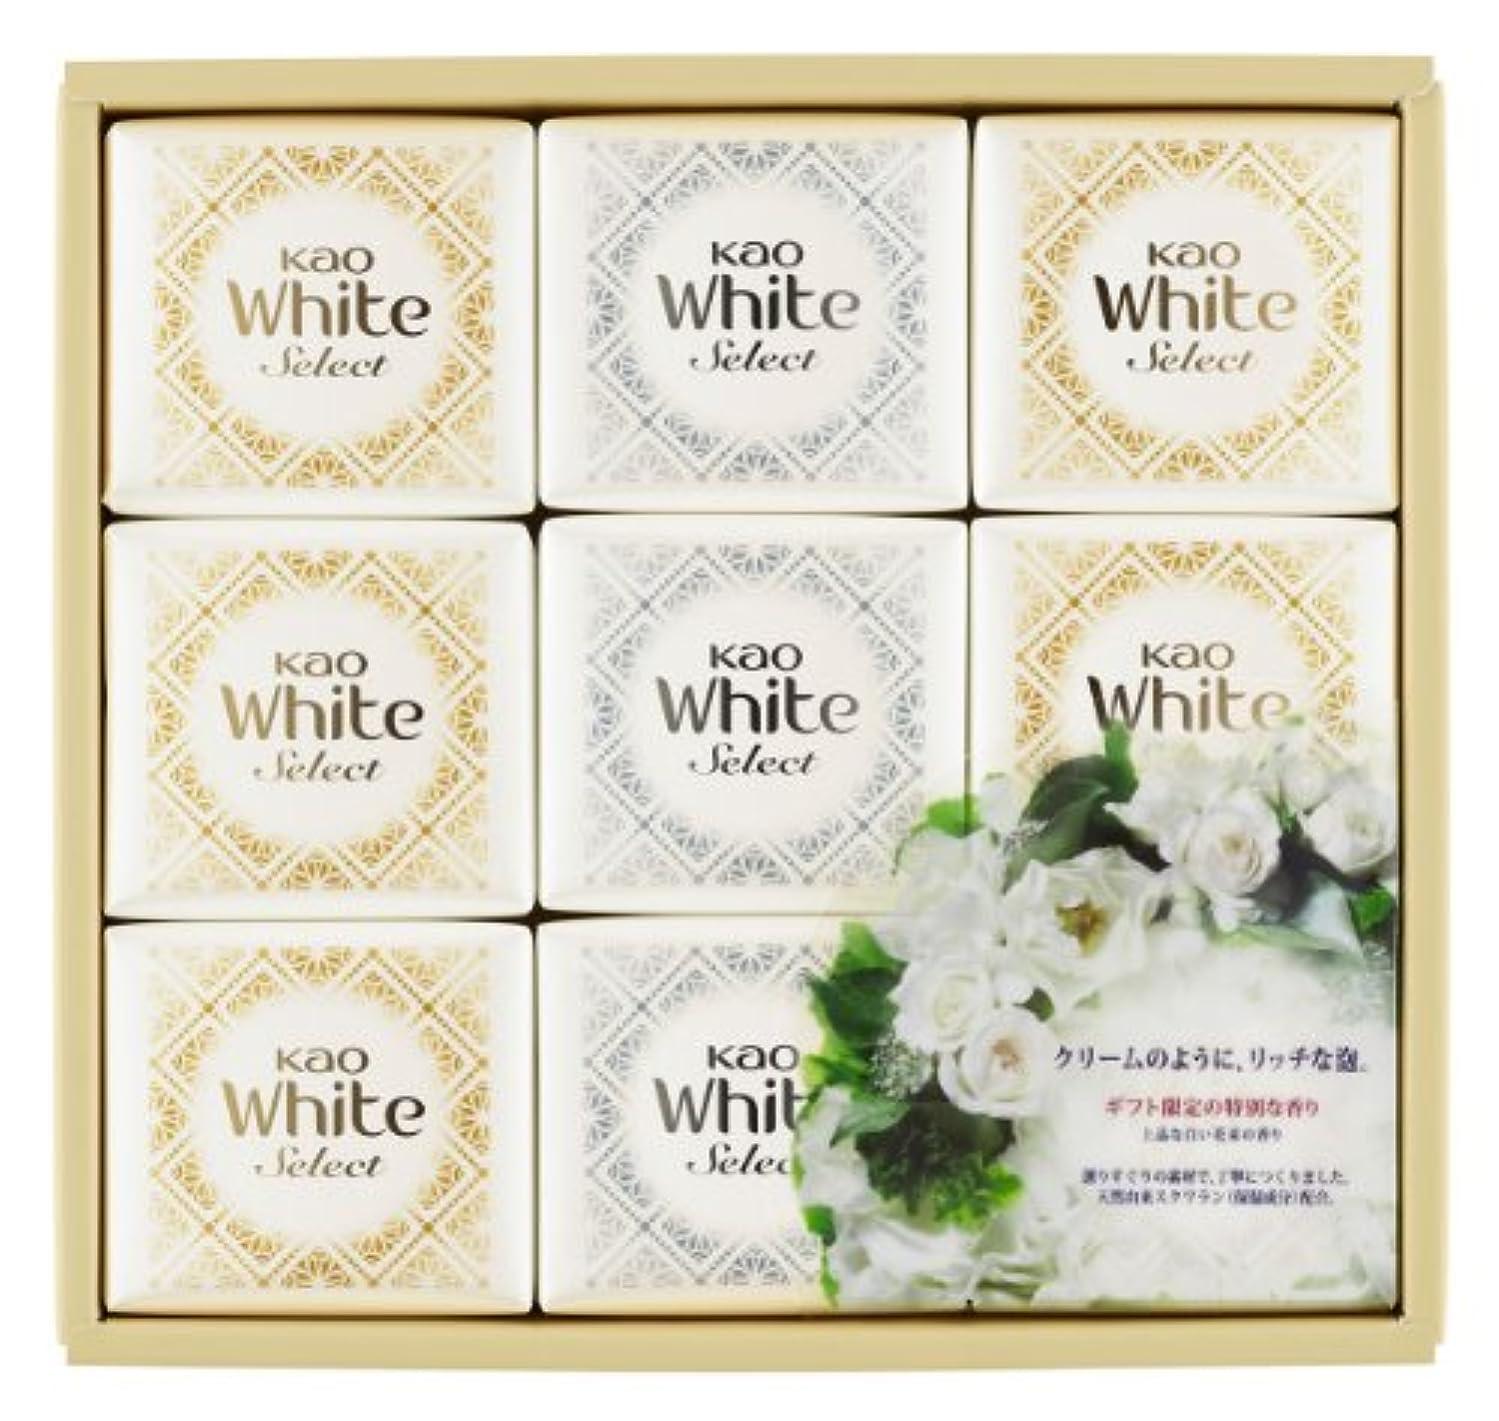 レース不信累積花王ホワイト セレクト 上品な白い花束の香り 85g 9コ K?WS-15